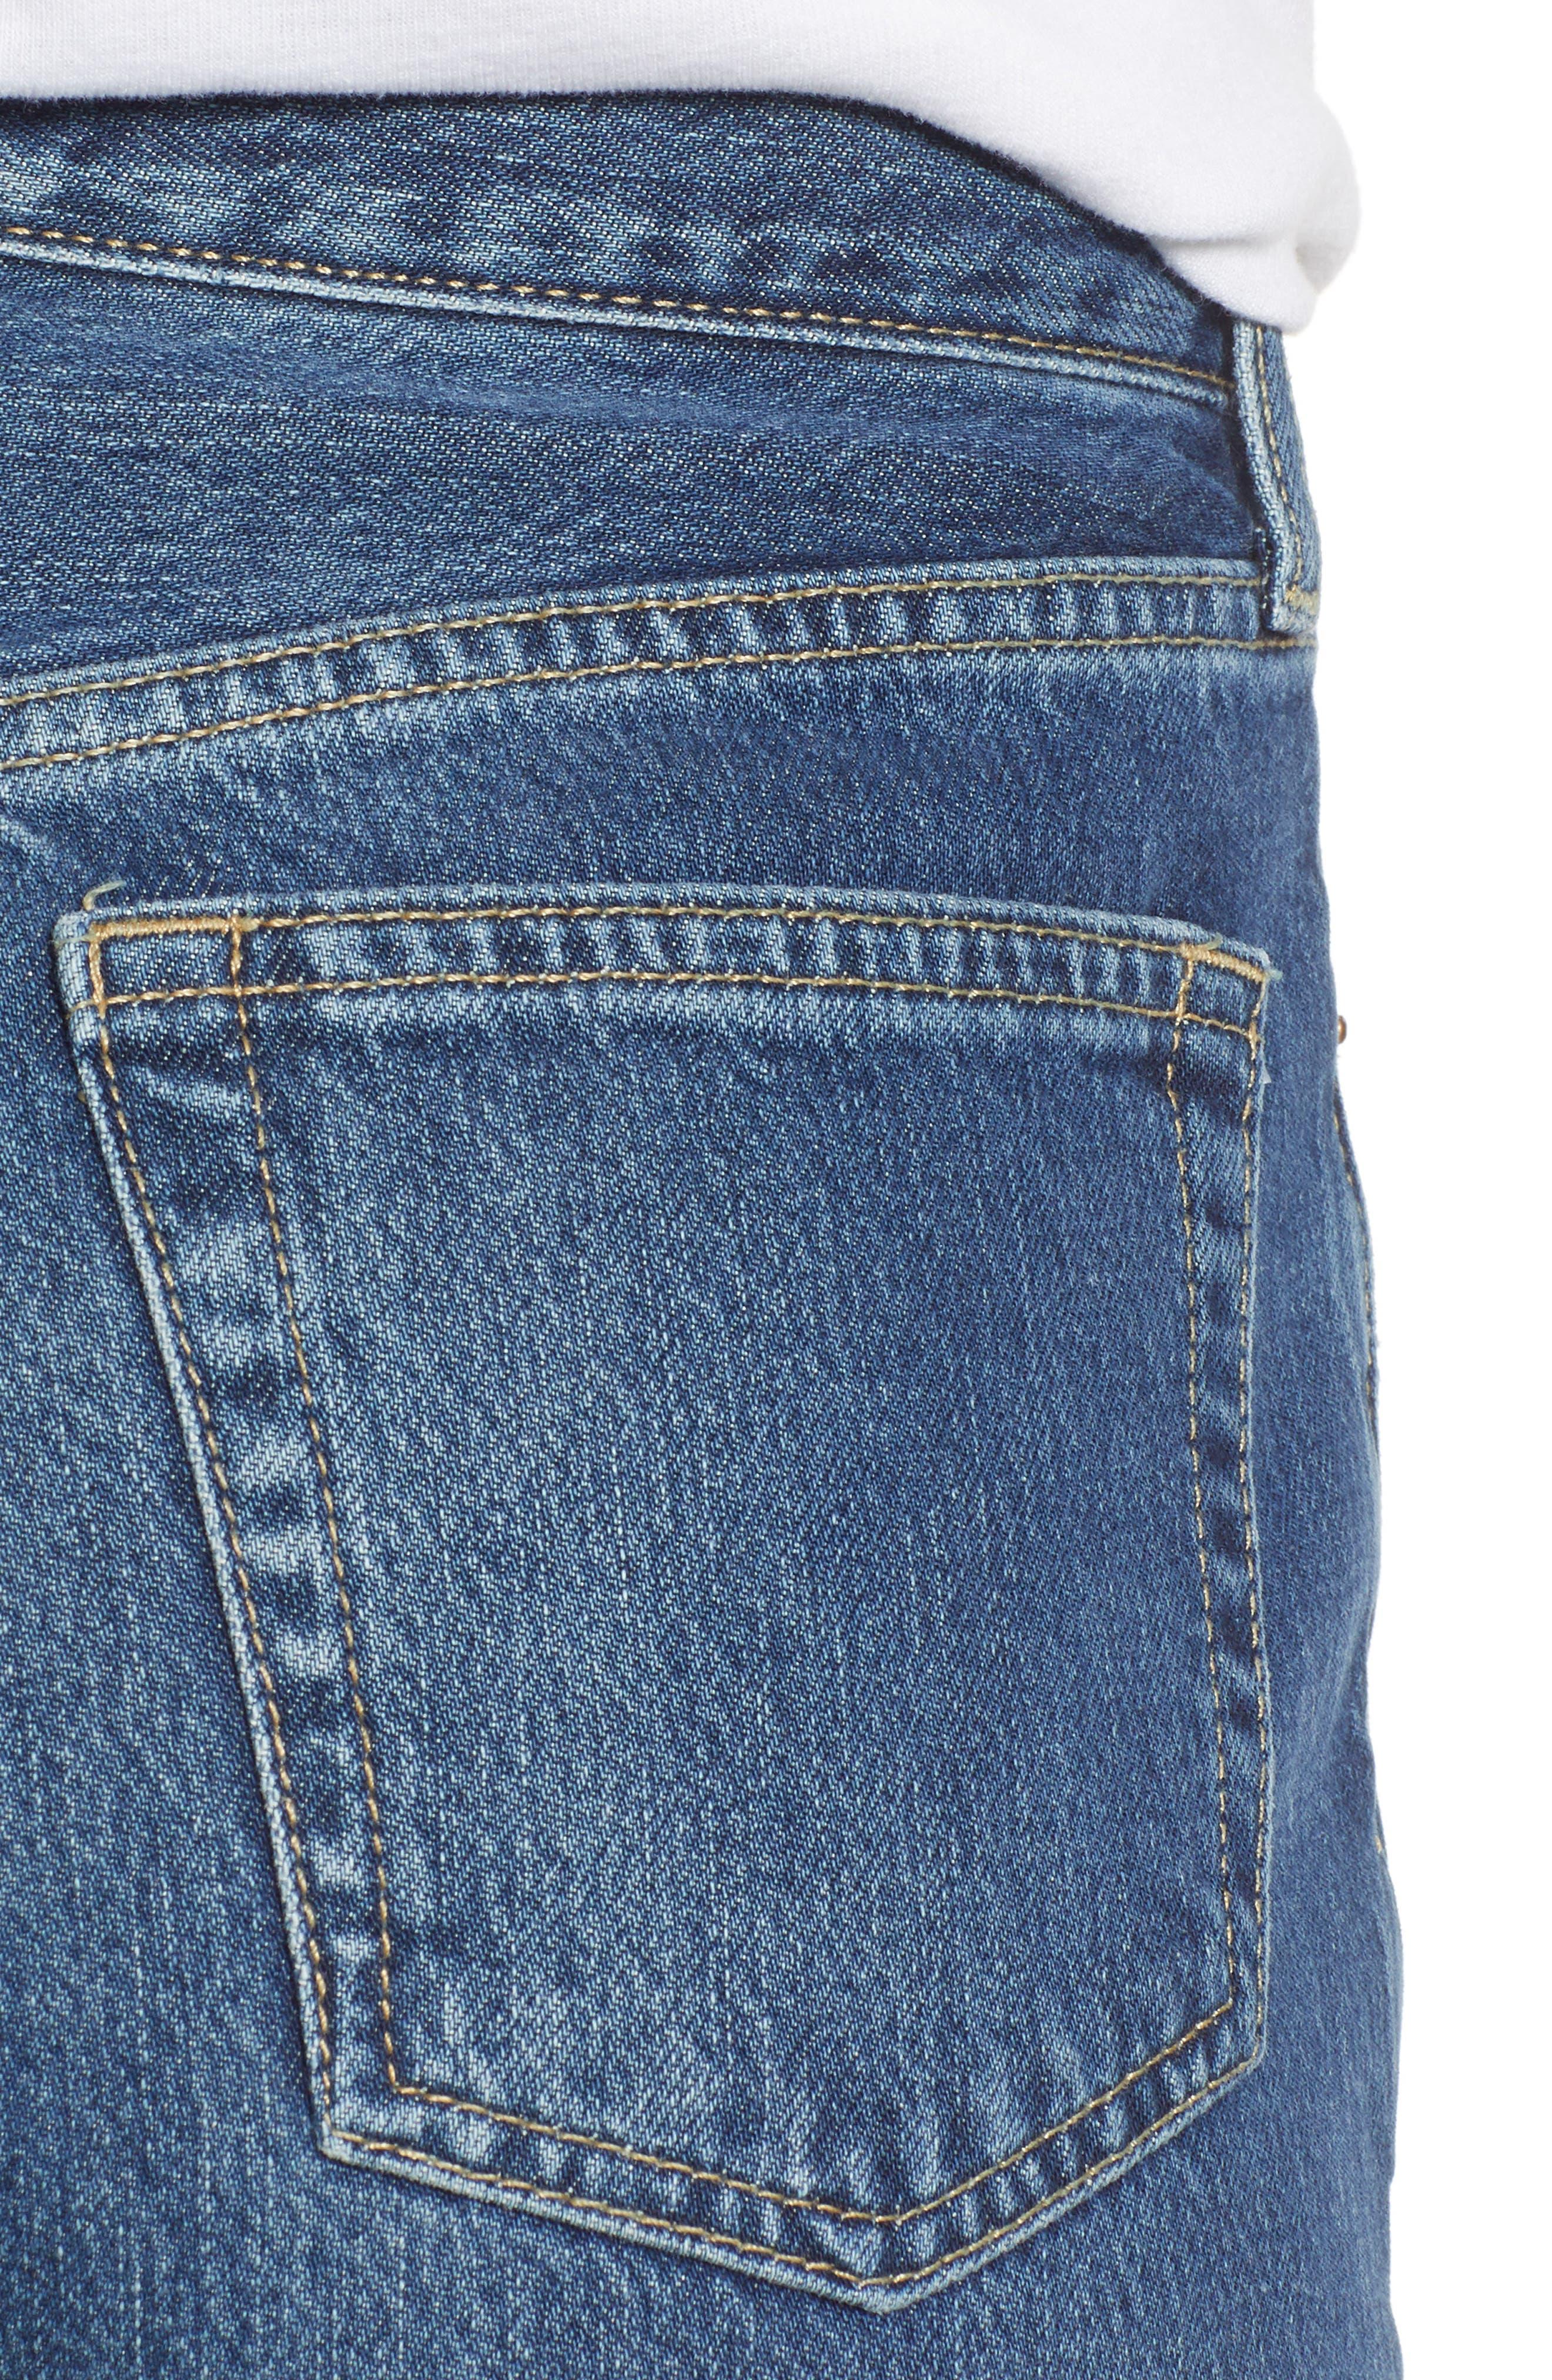 TOPSHOP,                             New Boyfriend Jeans,                             Alternate thumbnail 4, color,                             MID BLUE